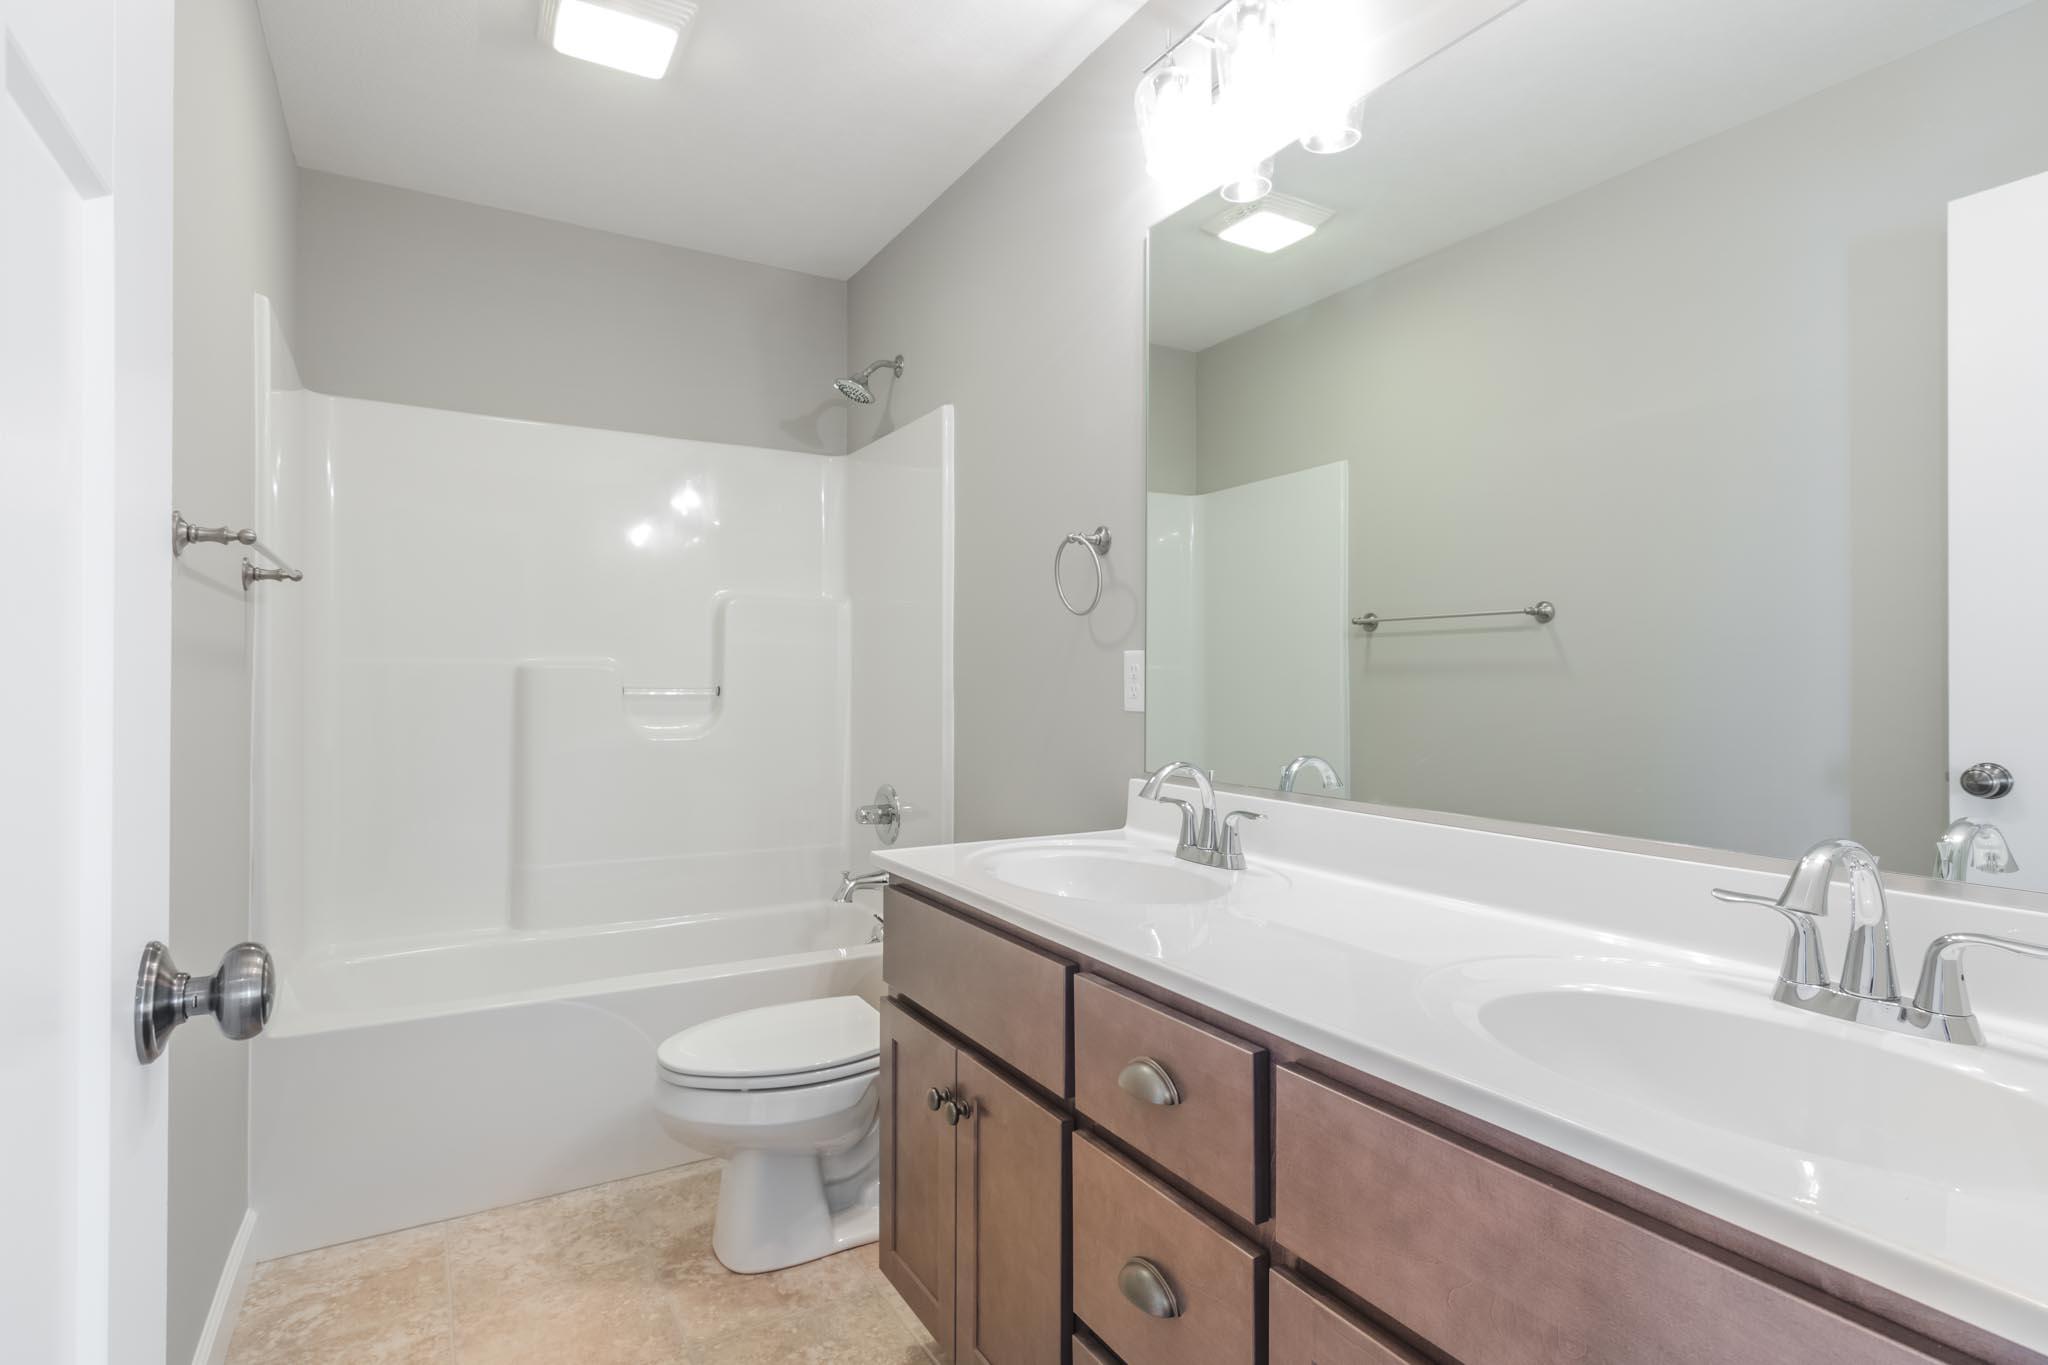 1815 Pfitzer big bathroom in Normal IL home for sale